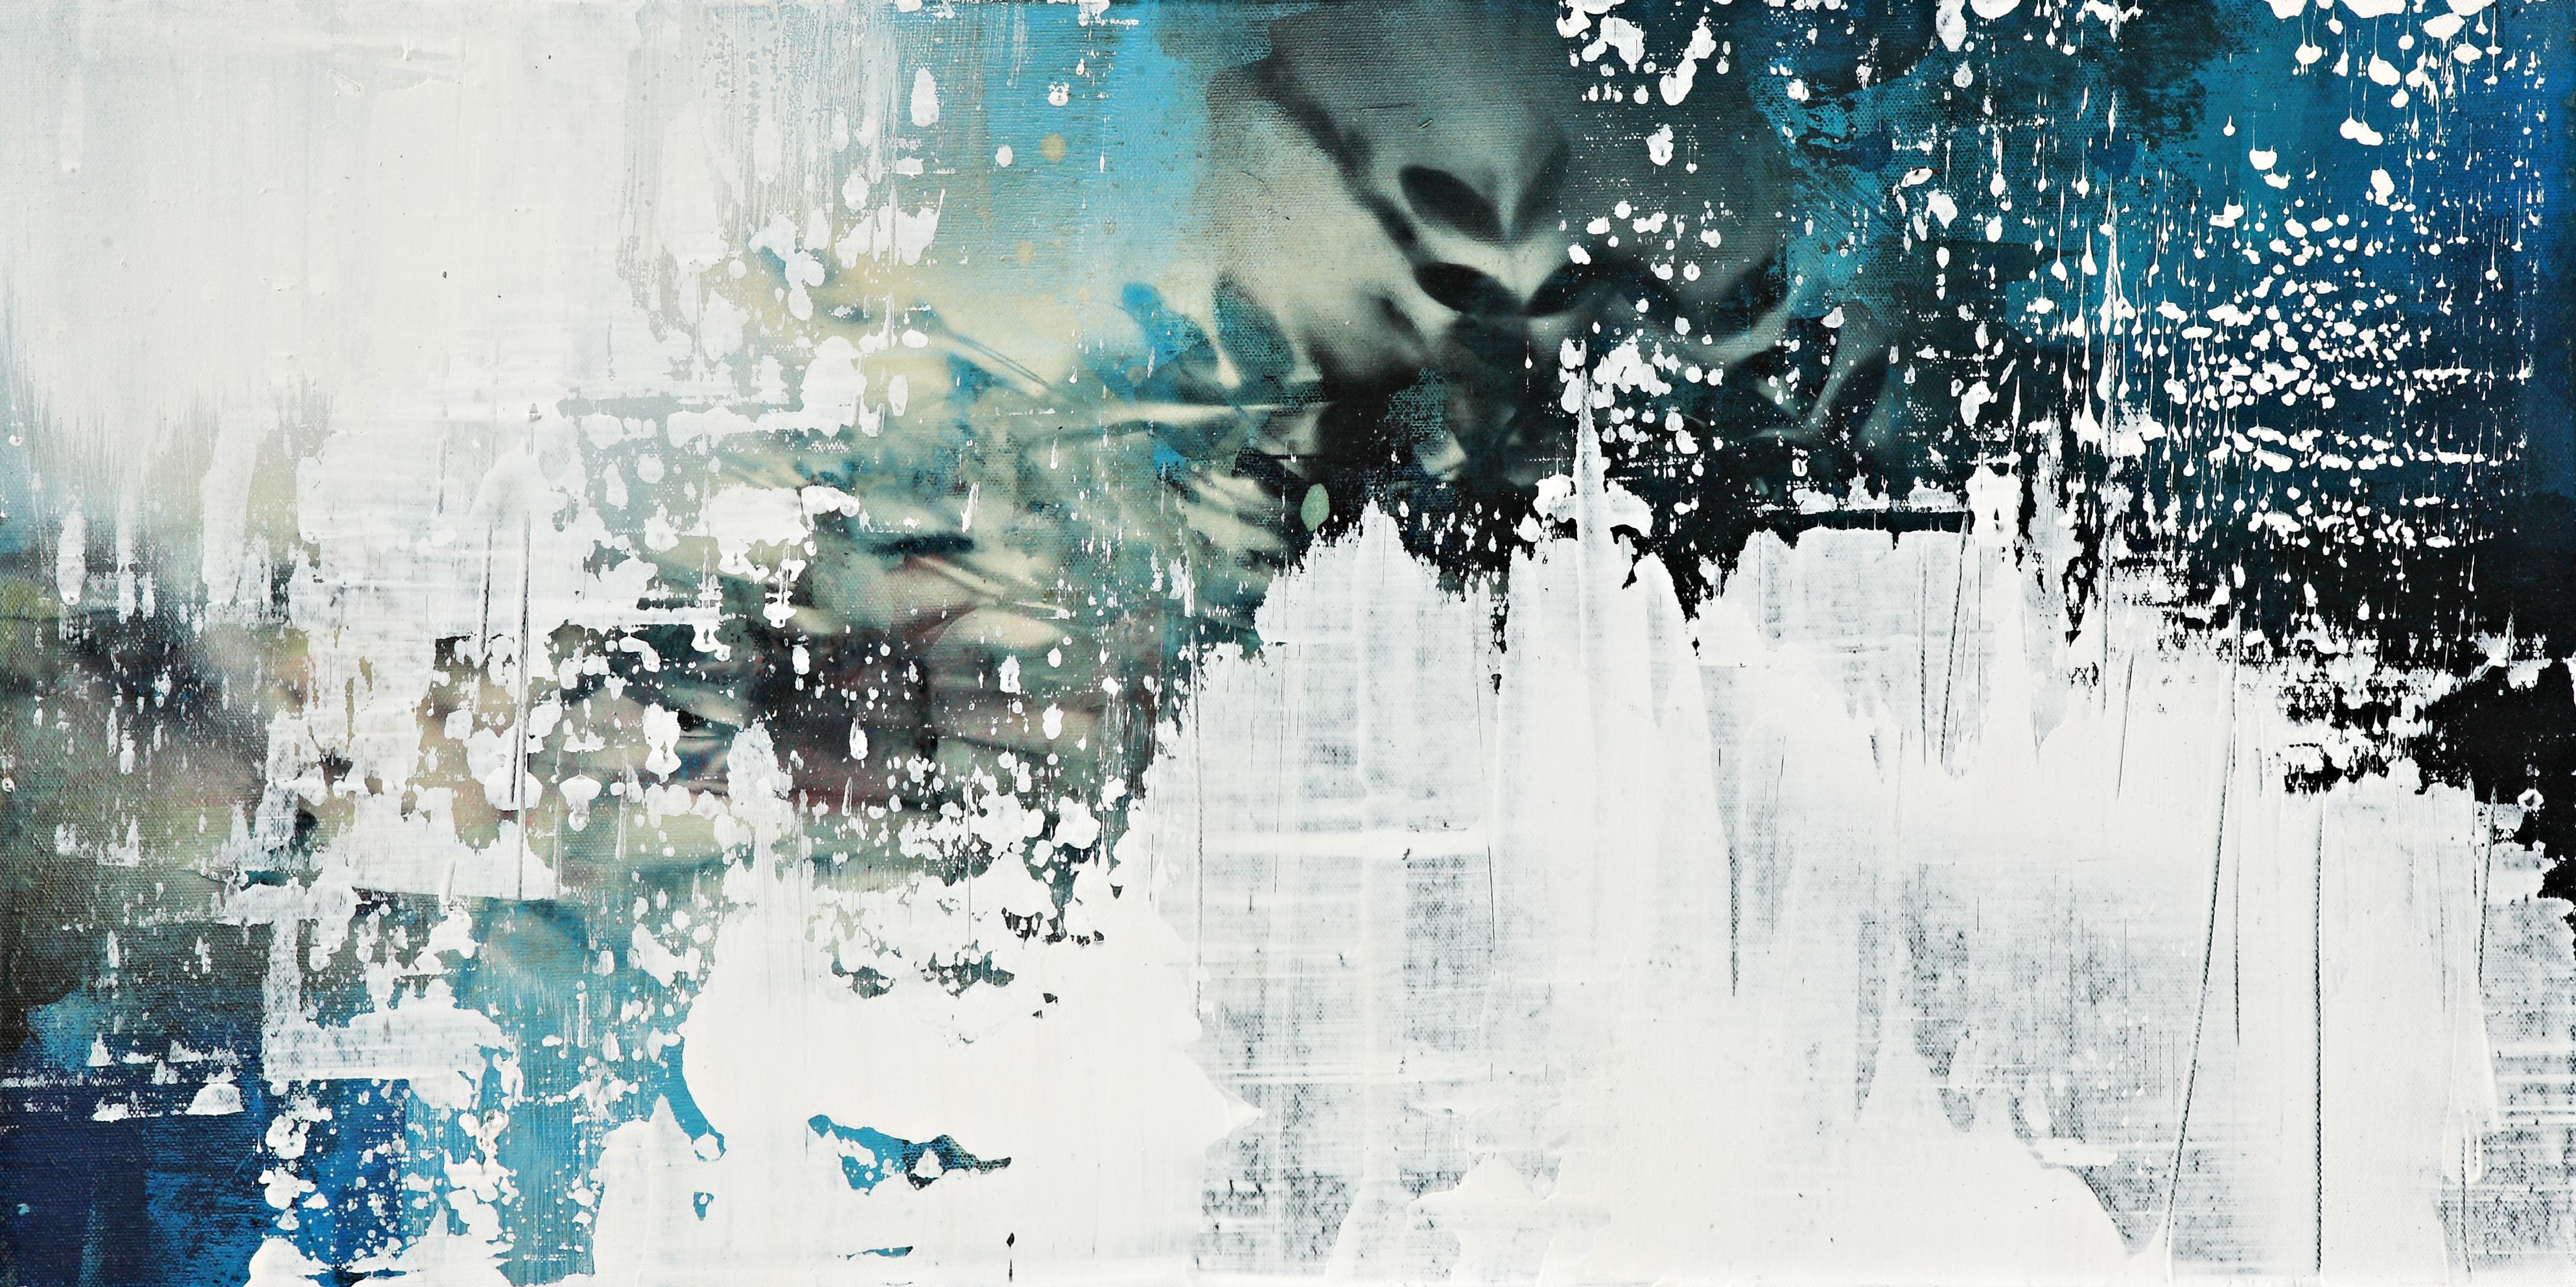 연상록, The Memory, 35x70cm, 아크릴 및 유화, 2017